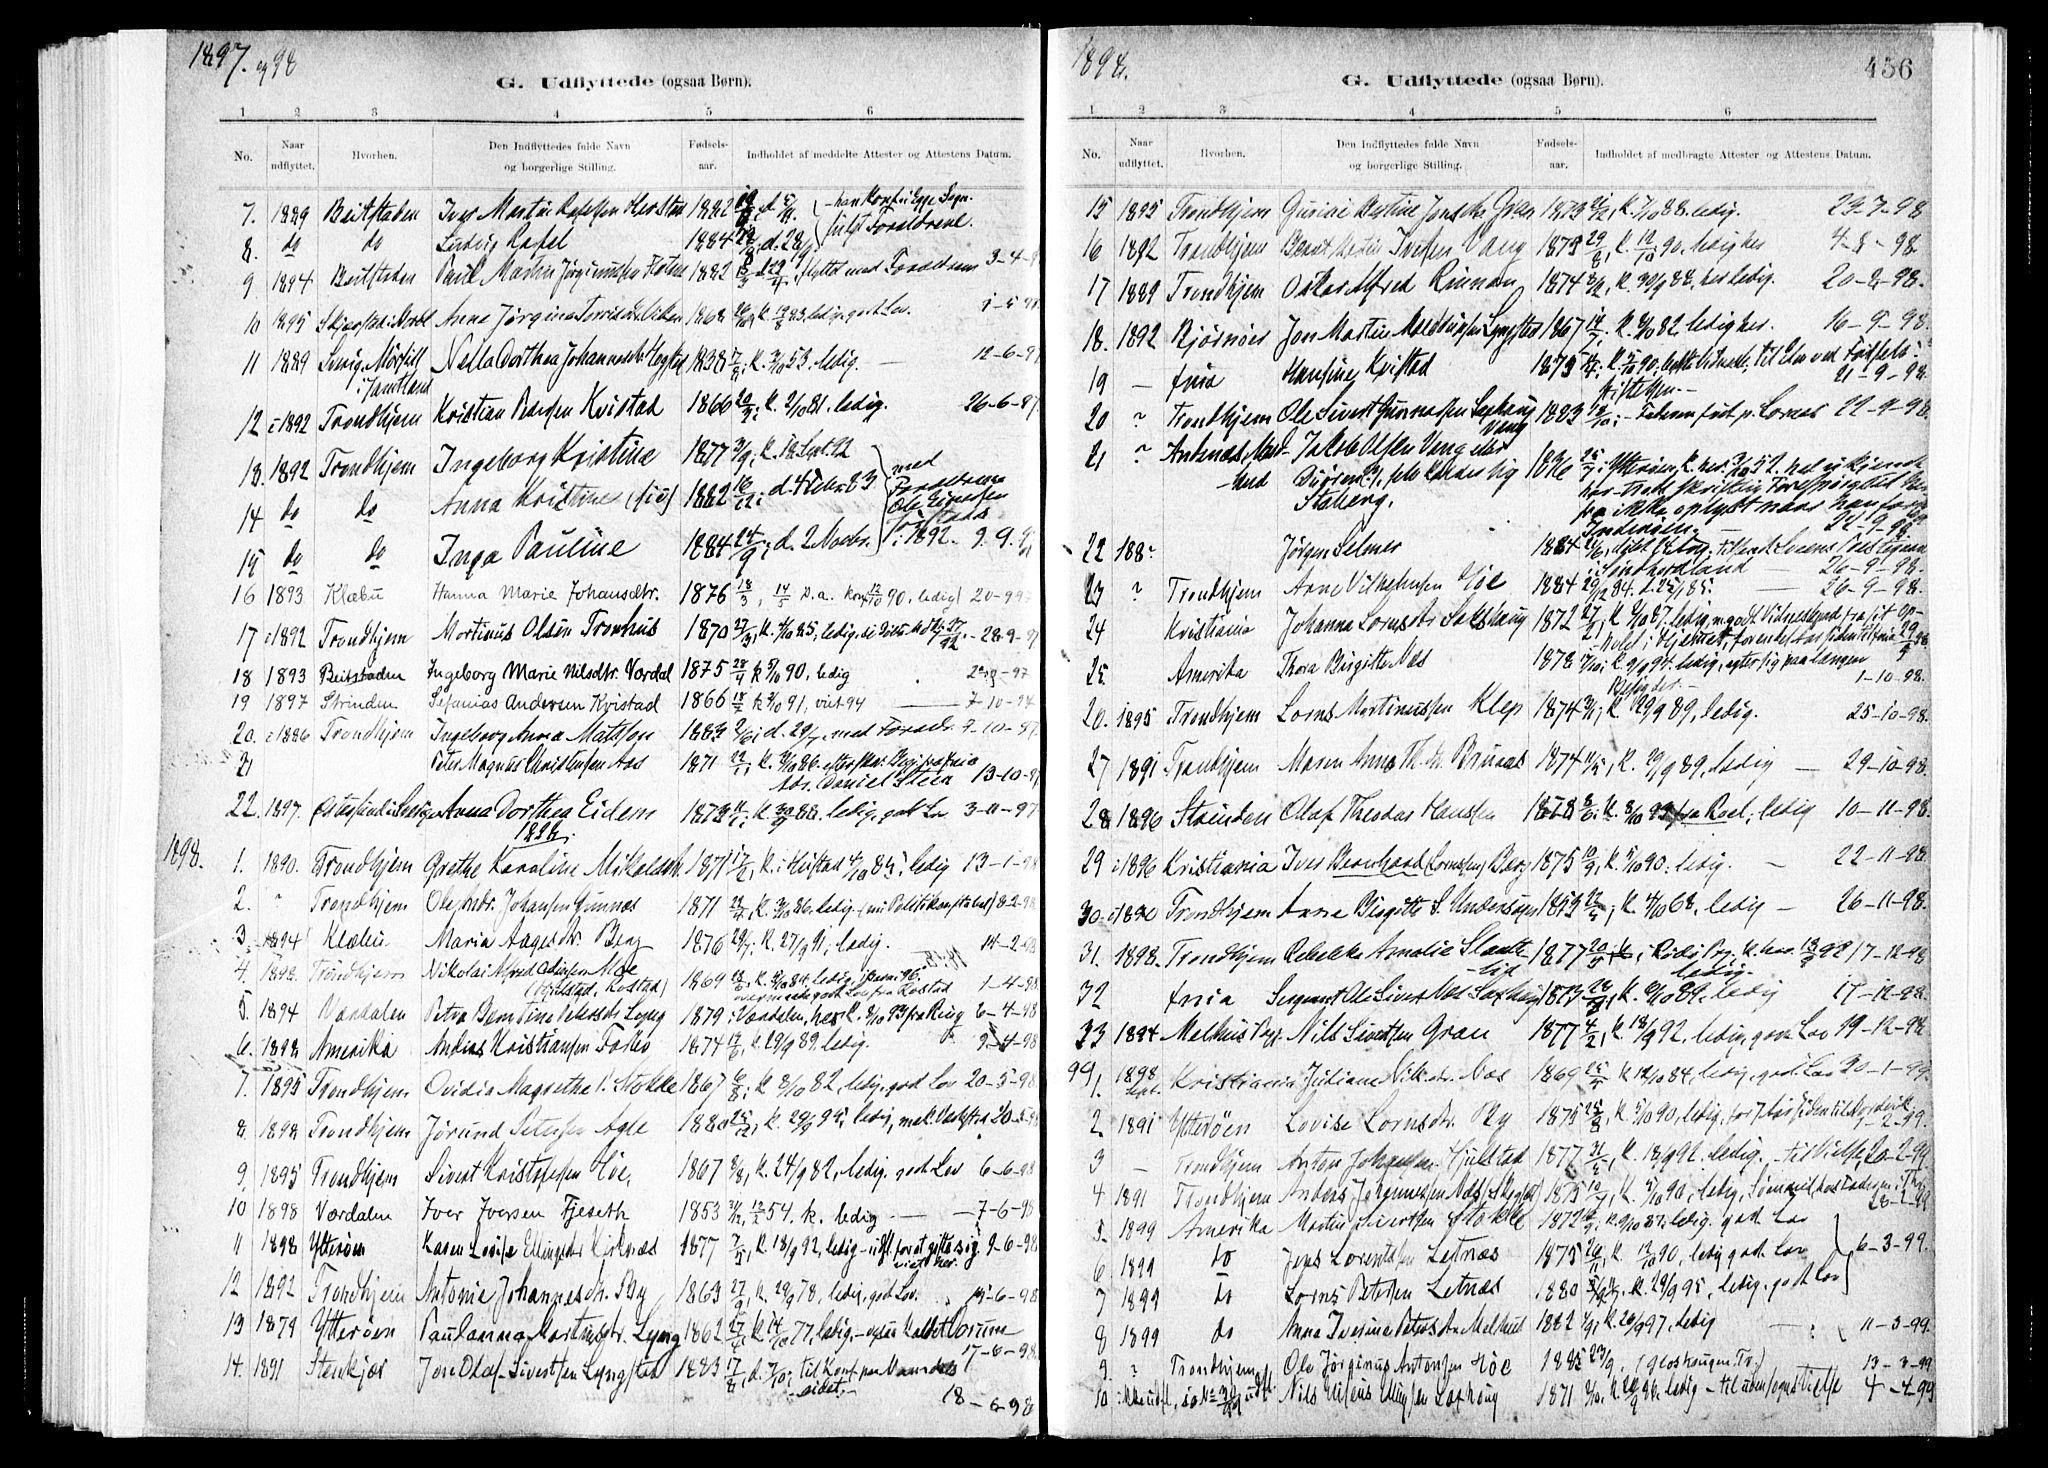 SAT, Ministerialprotokoller, klokkerbøker og fødselsregistre - Nord-Trøndelag, 730/L0285: Ministerialbok nr. 730A10, 1879-1914, s. 456